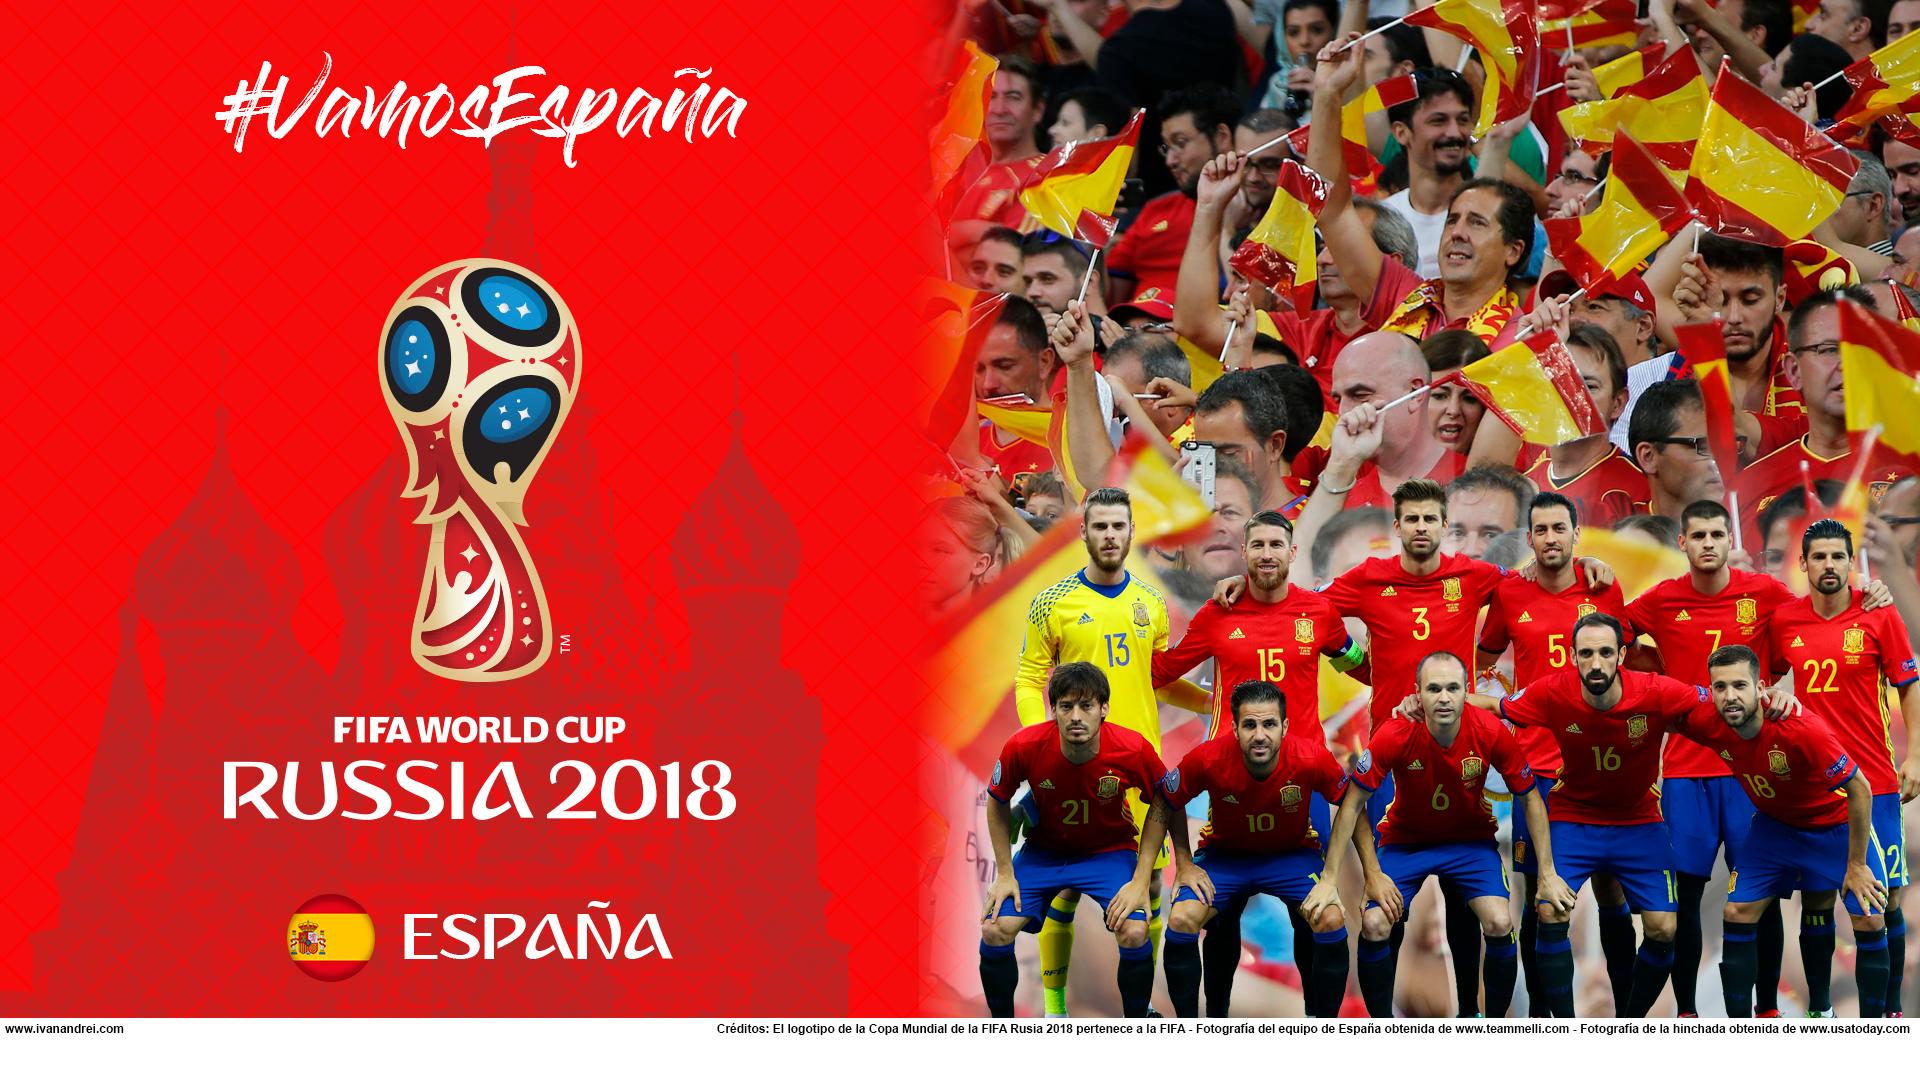 Wallpaper de la selección española de fútbol para la Copa Mundial de la FIFA - Rusia 2018 - Edición para PC (1920x1080)